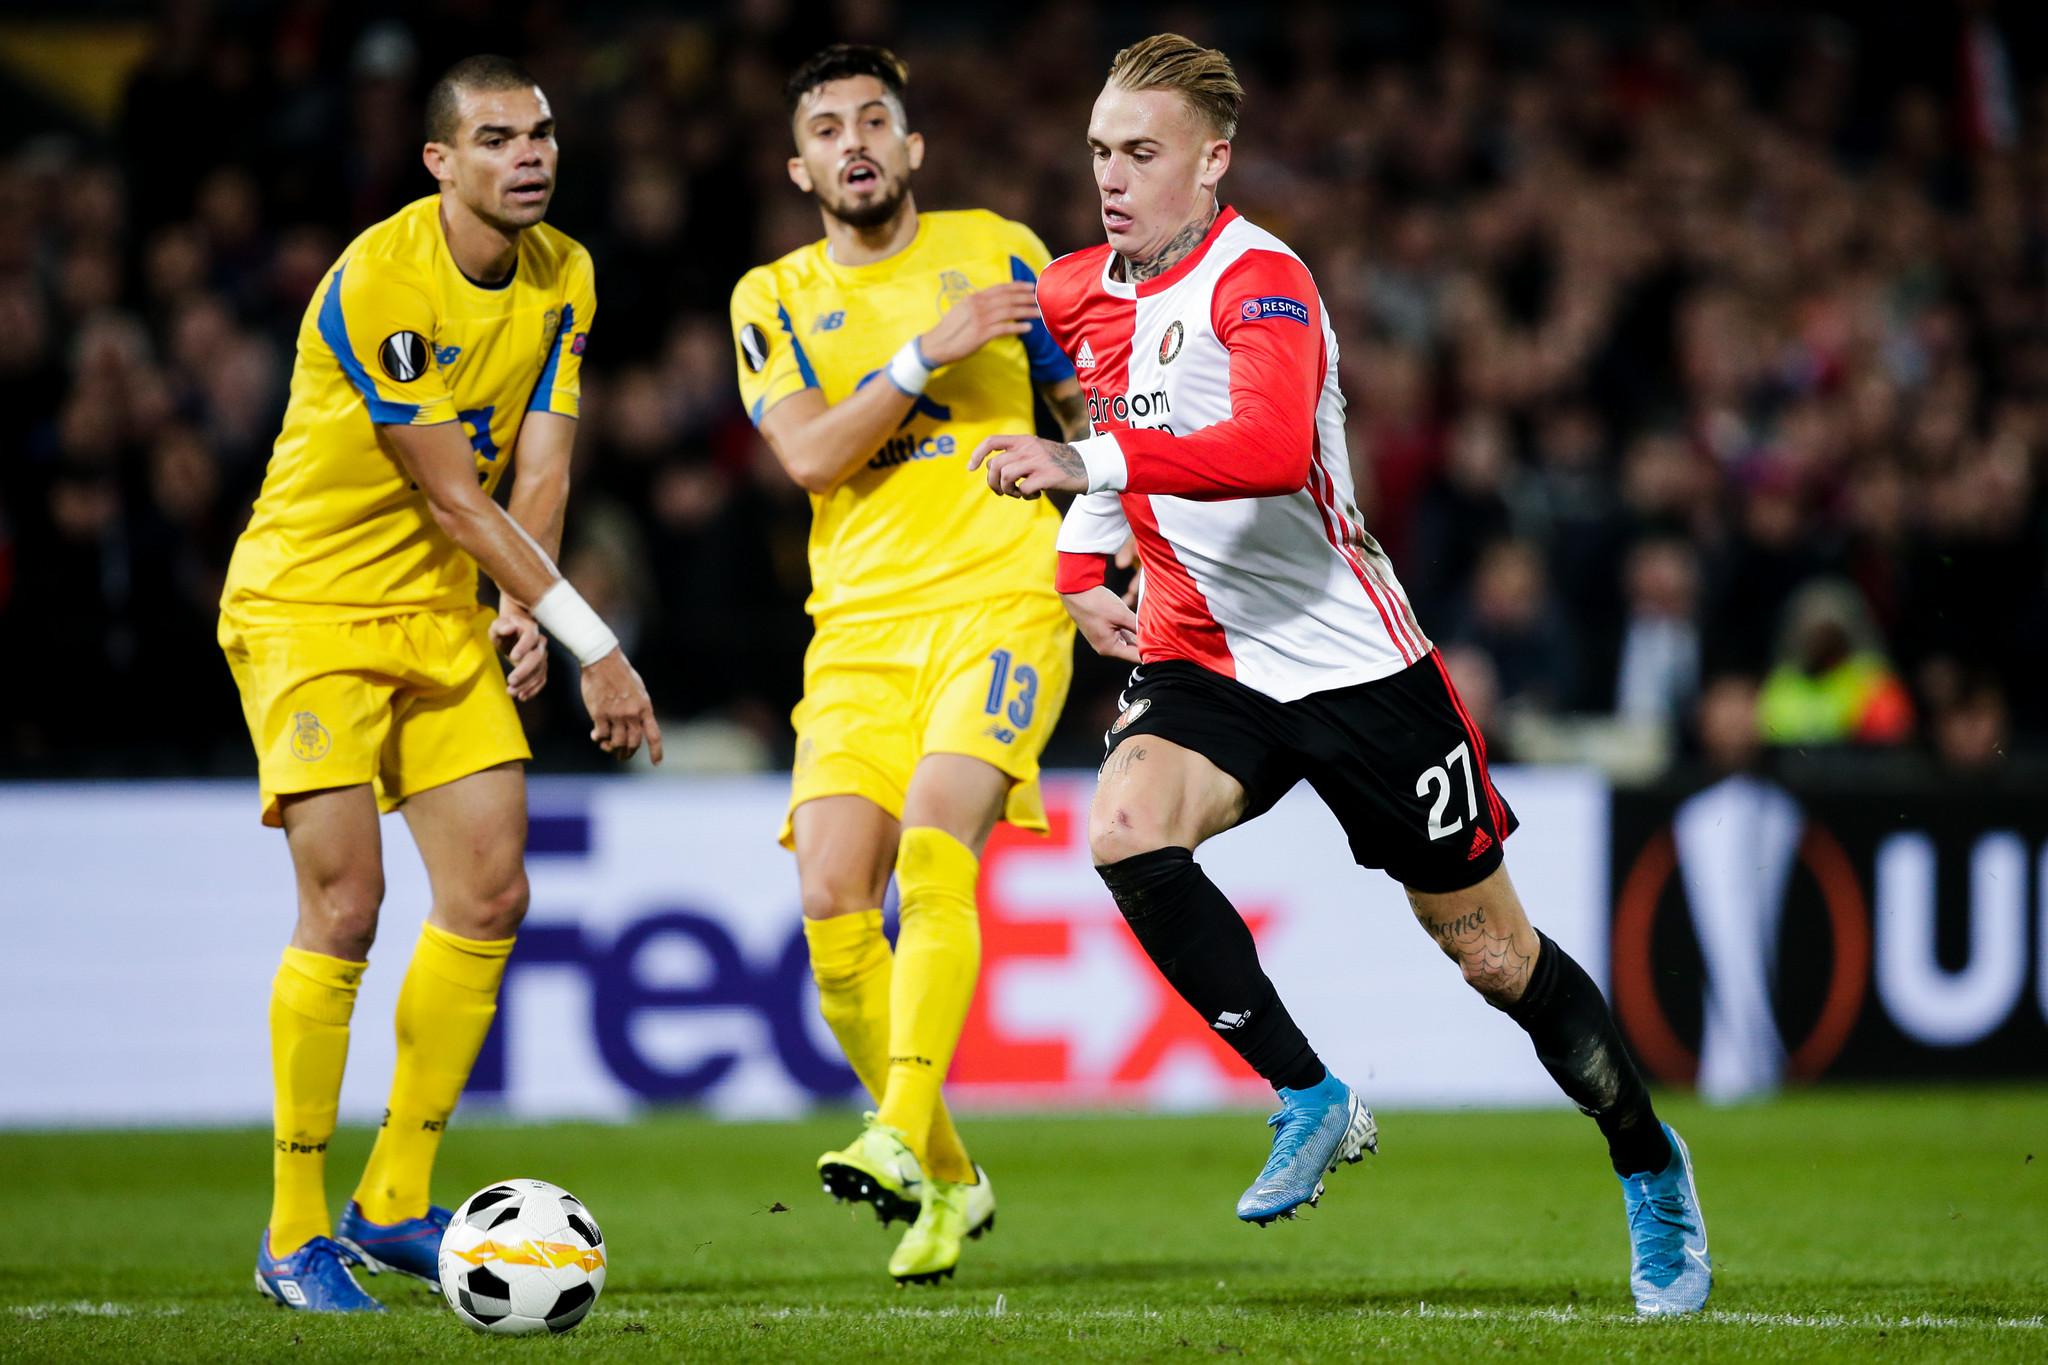 FCP Feyenoord